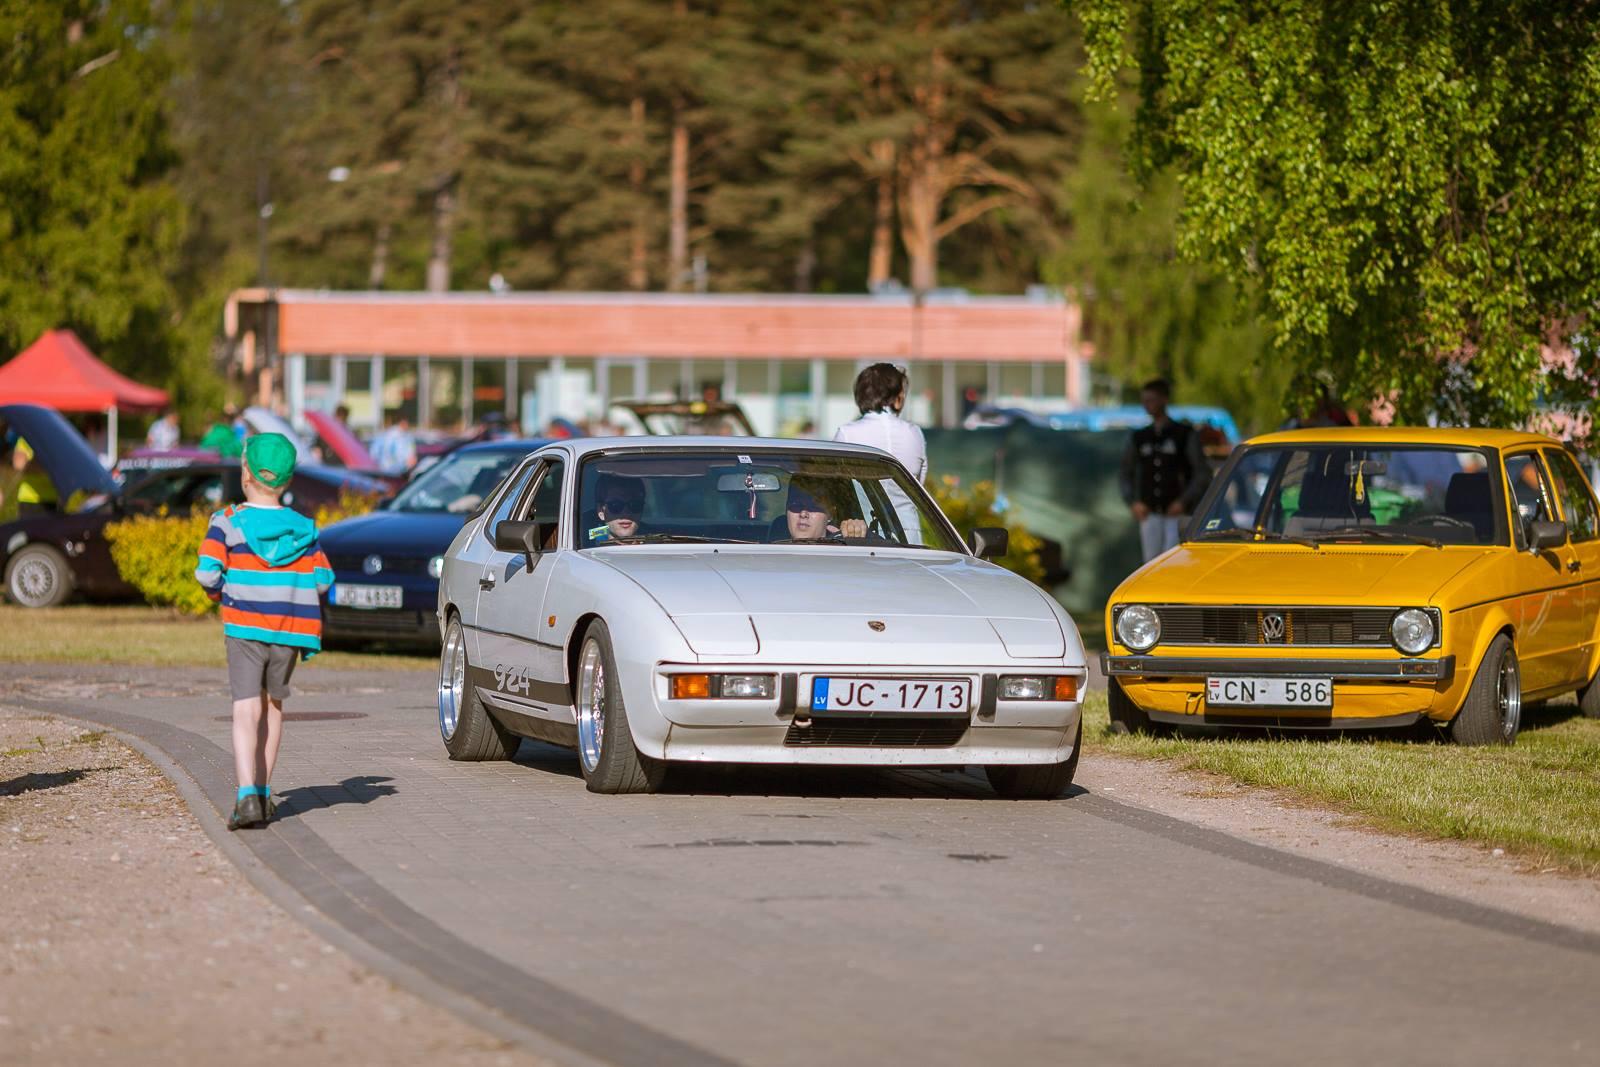 ВНижнем Новгороде пройдёт фестиваль тюнингованных авто ссамыми классными «тачками» страны